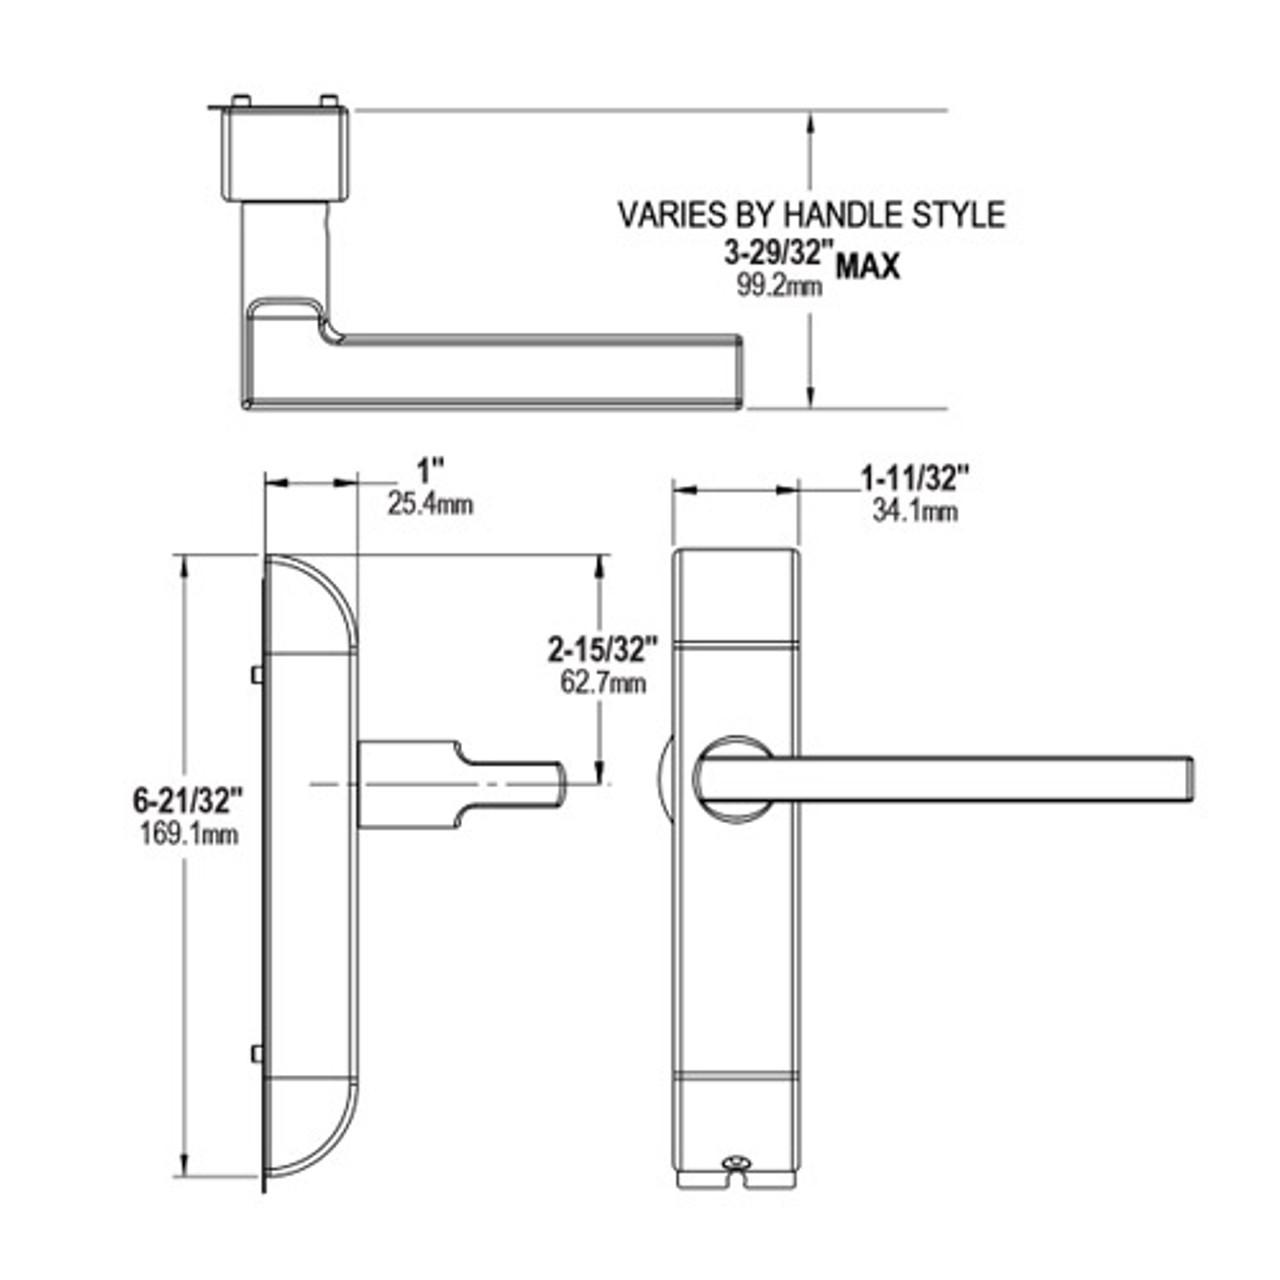 4600-MG-641-US3 Adams Rite MG Designer handle Dimensional View